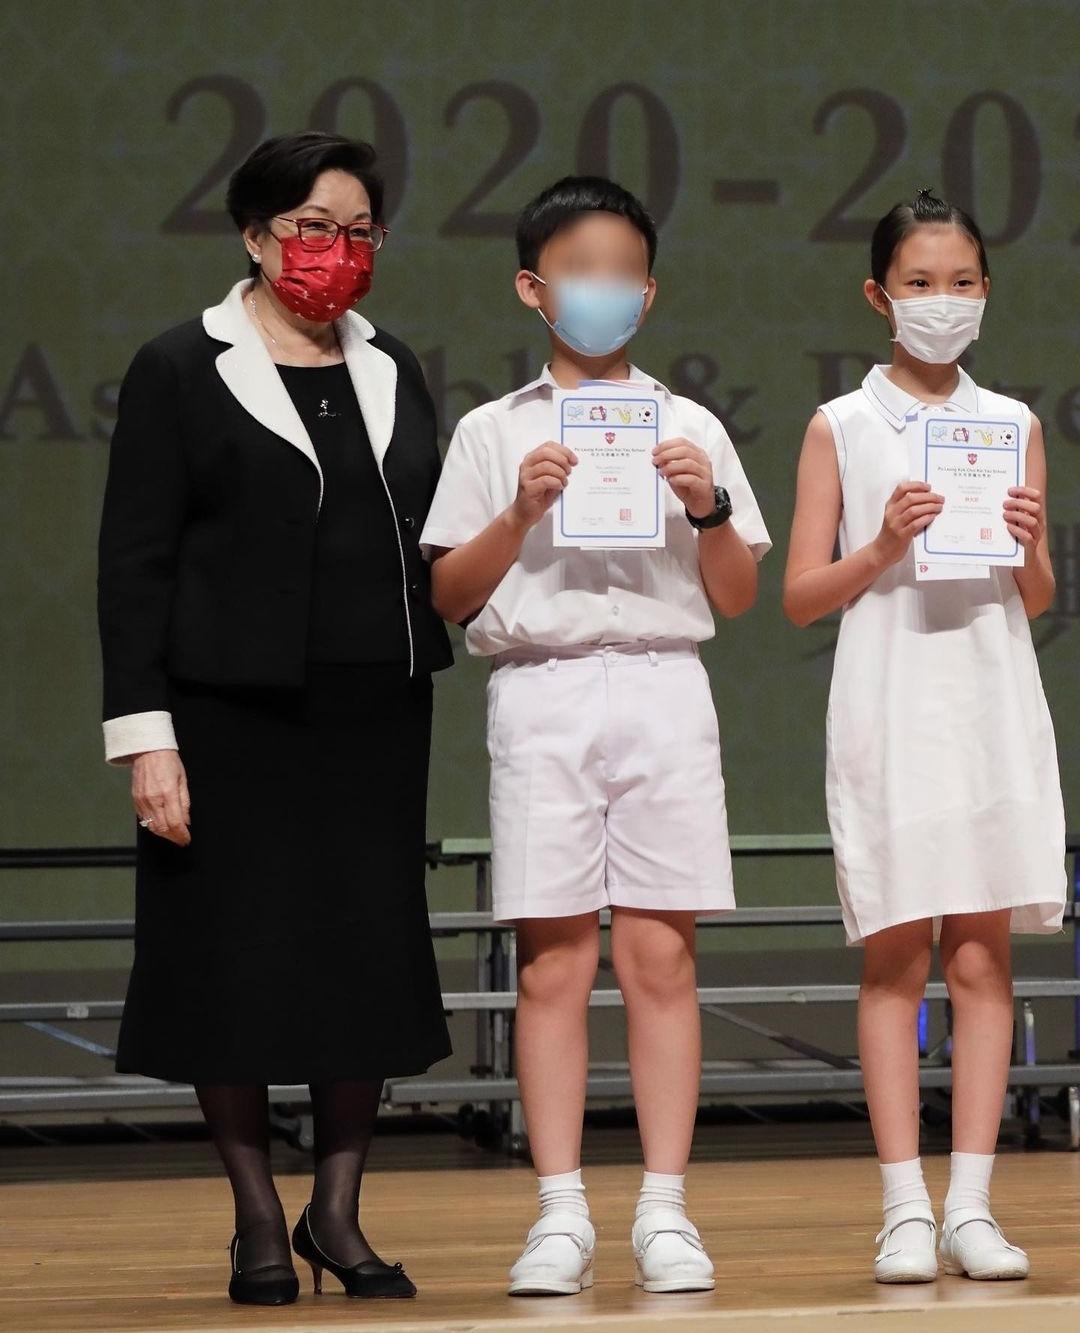 郭可盈参加女儿小学毕业典礼,林天若连获3年学科冠军,成绩优异